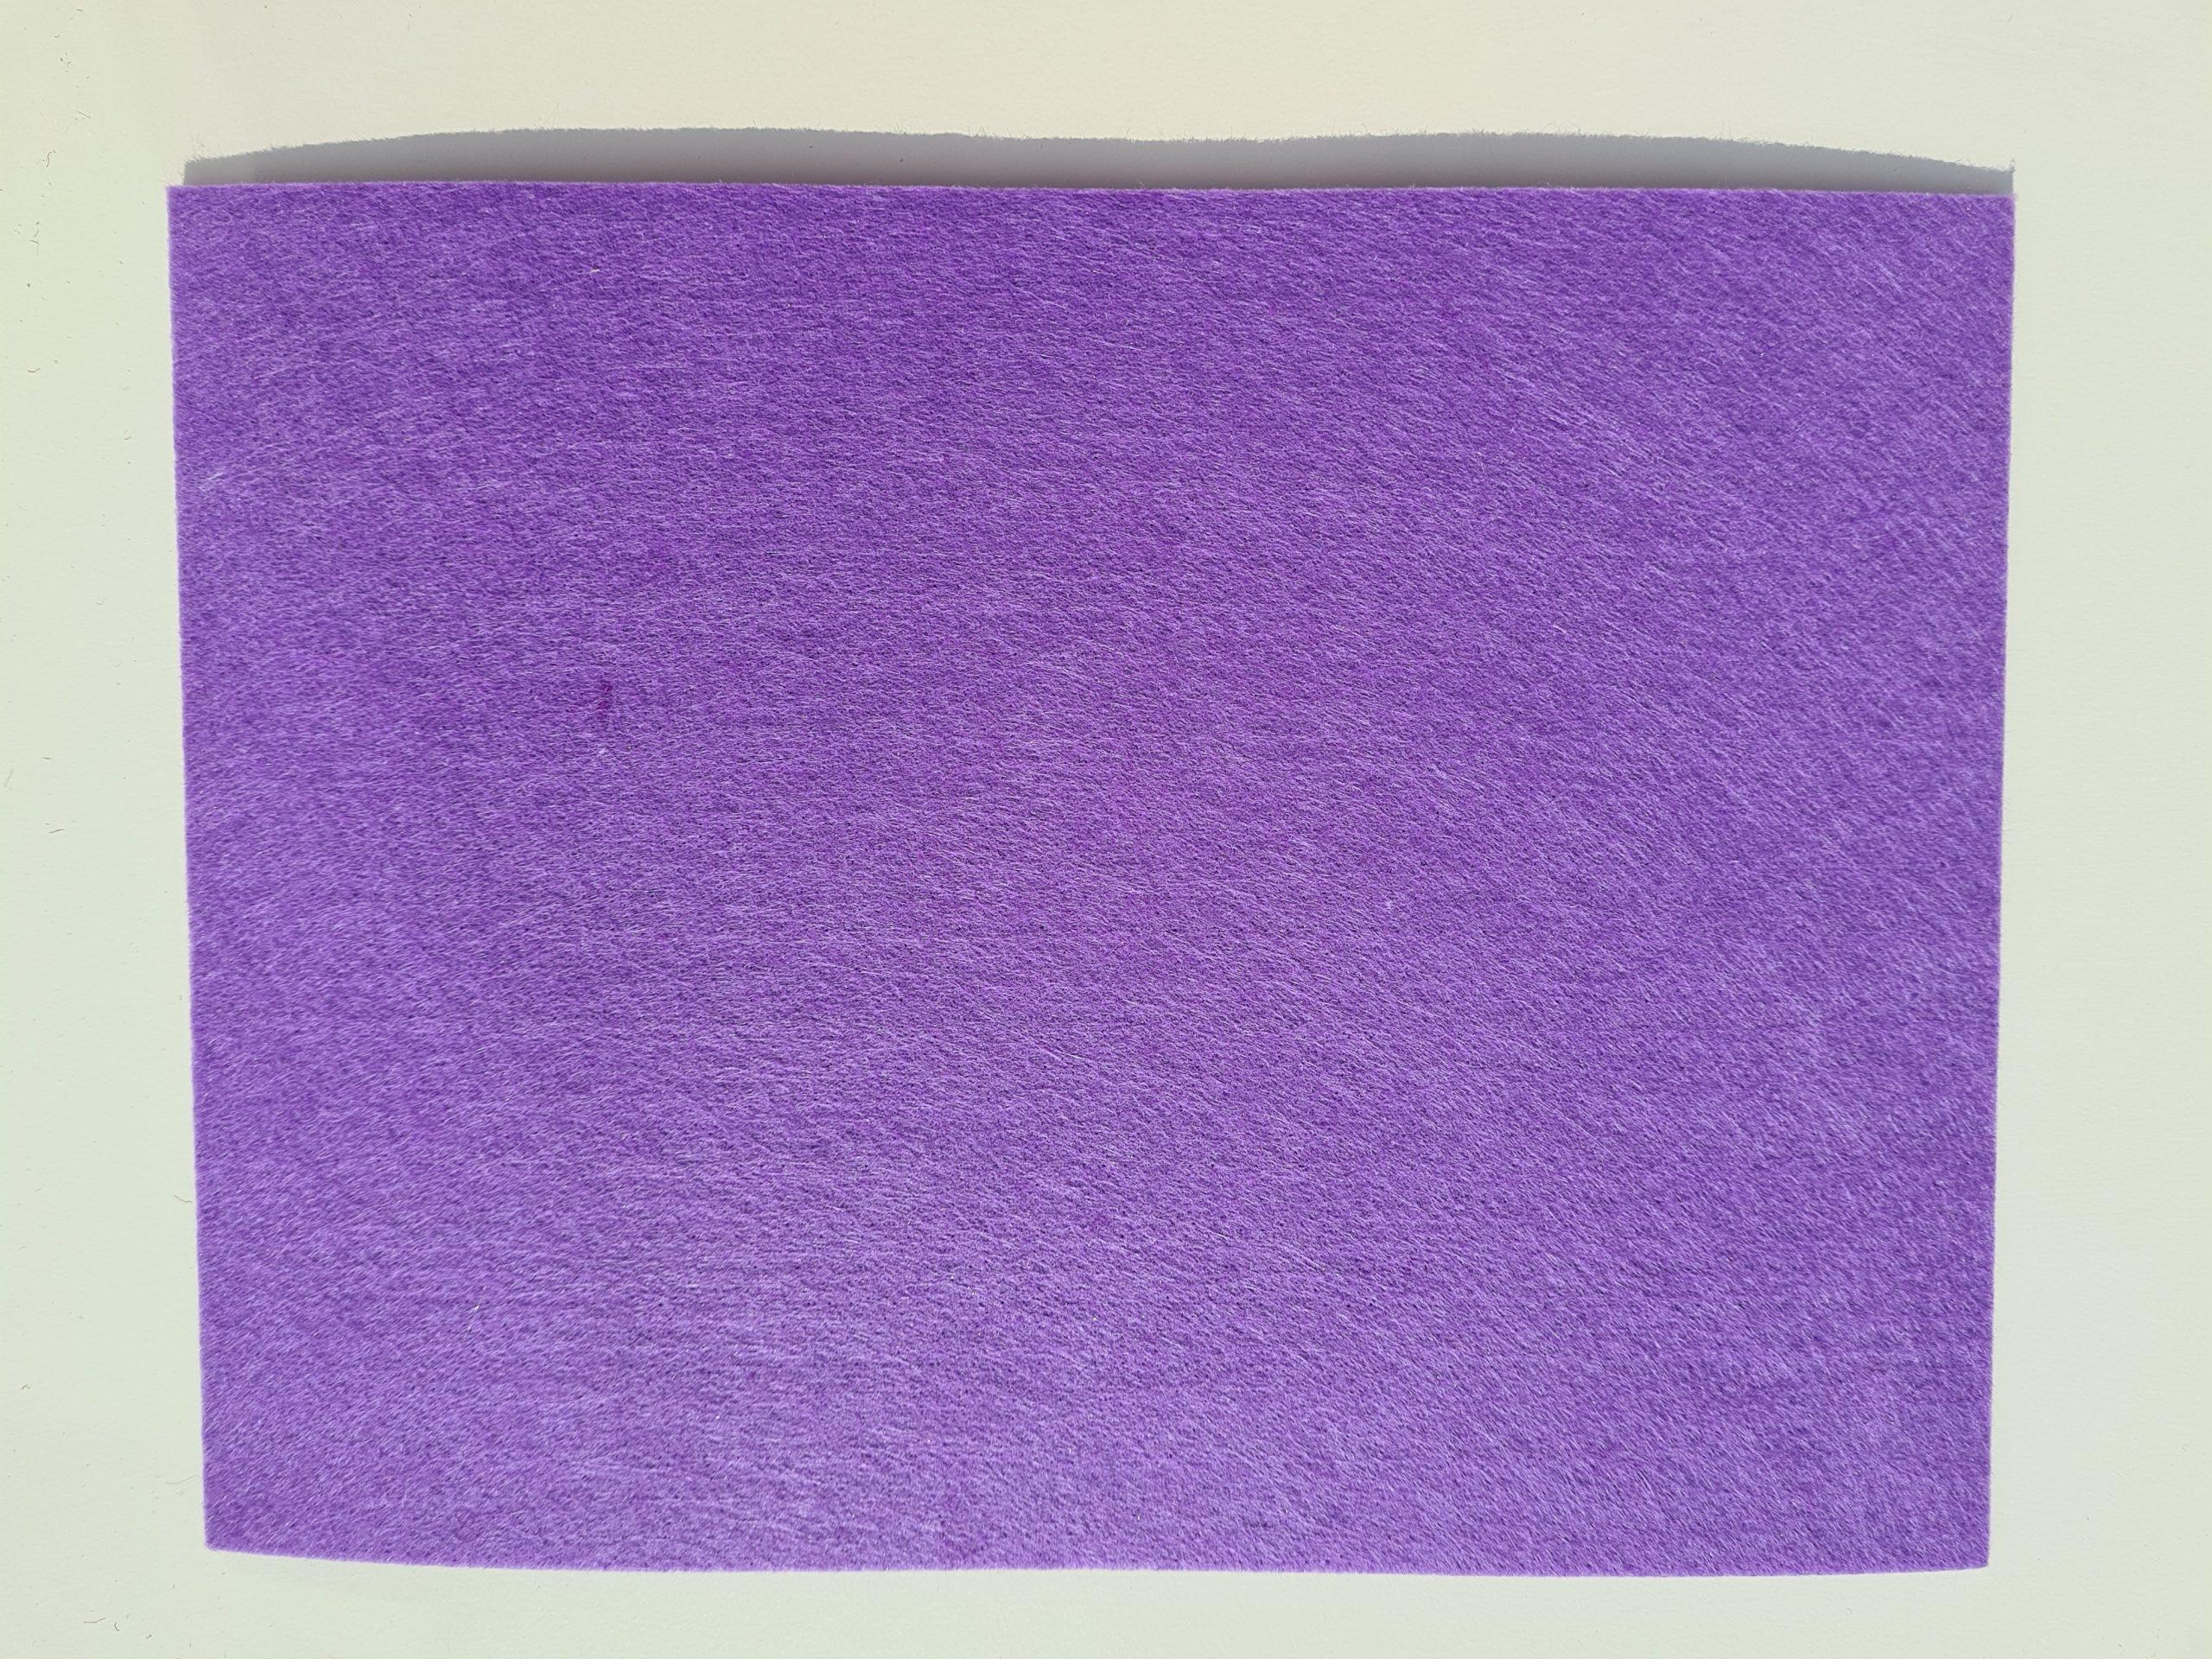 Lila Filz-Untersetzter quadratisch - Handgemachte individualisierbare Taschen, Körbe, Tischsets, Dekoartikel und mehr auf fideko.de der Onlineshop seit 2011